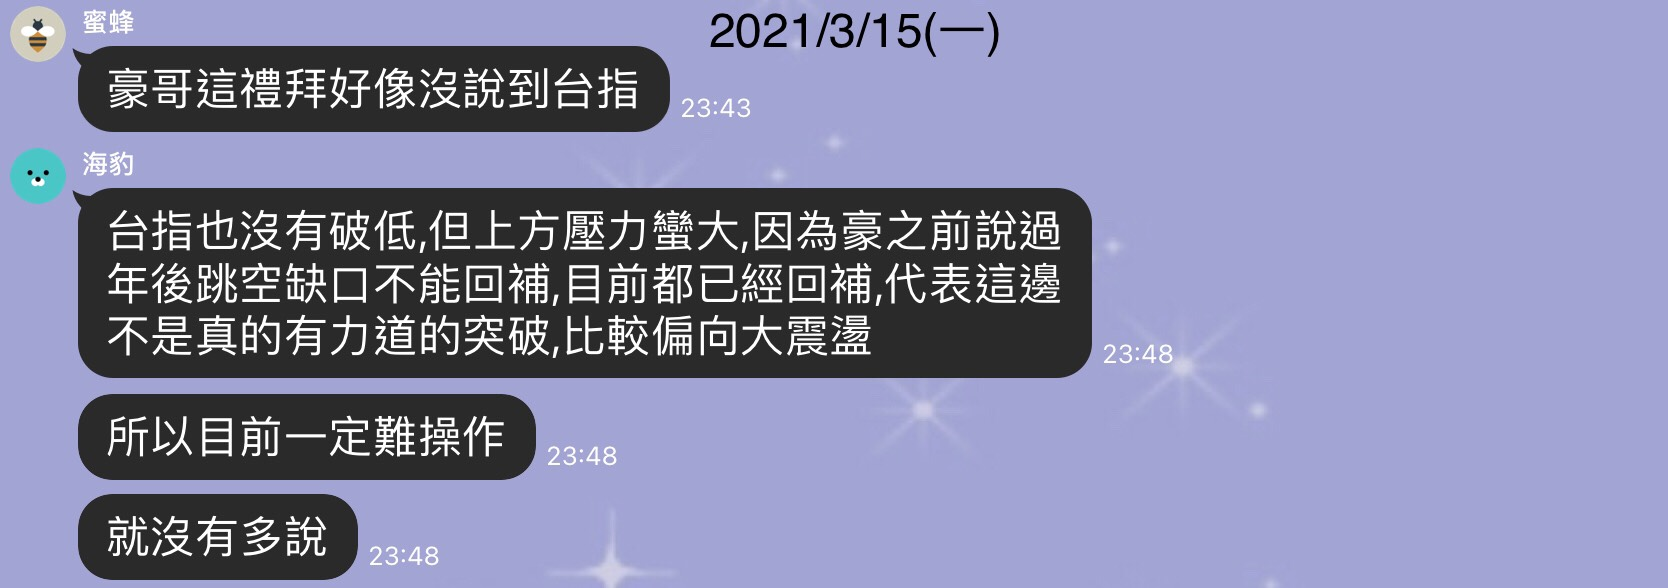 2021/03/22 豪爺週報_02